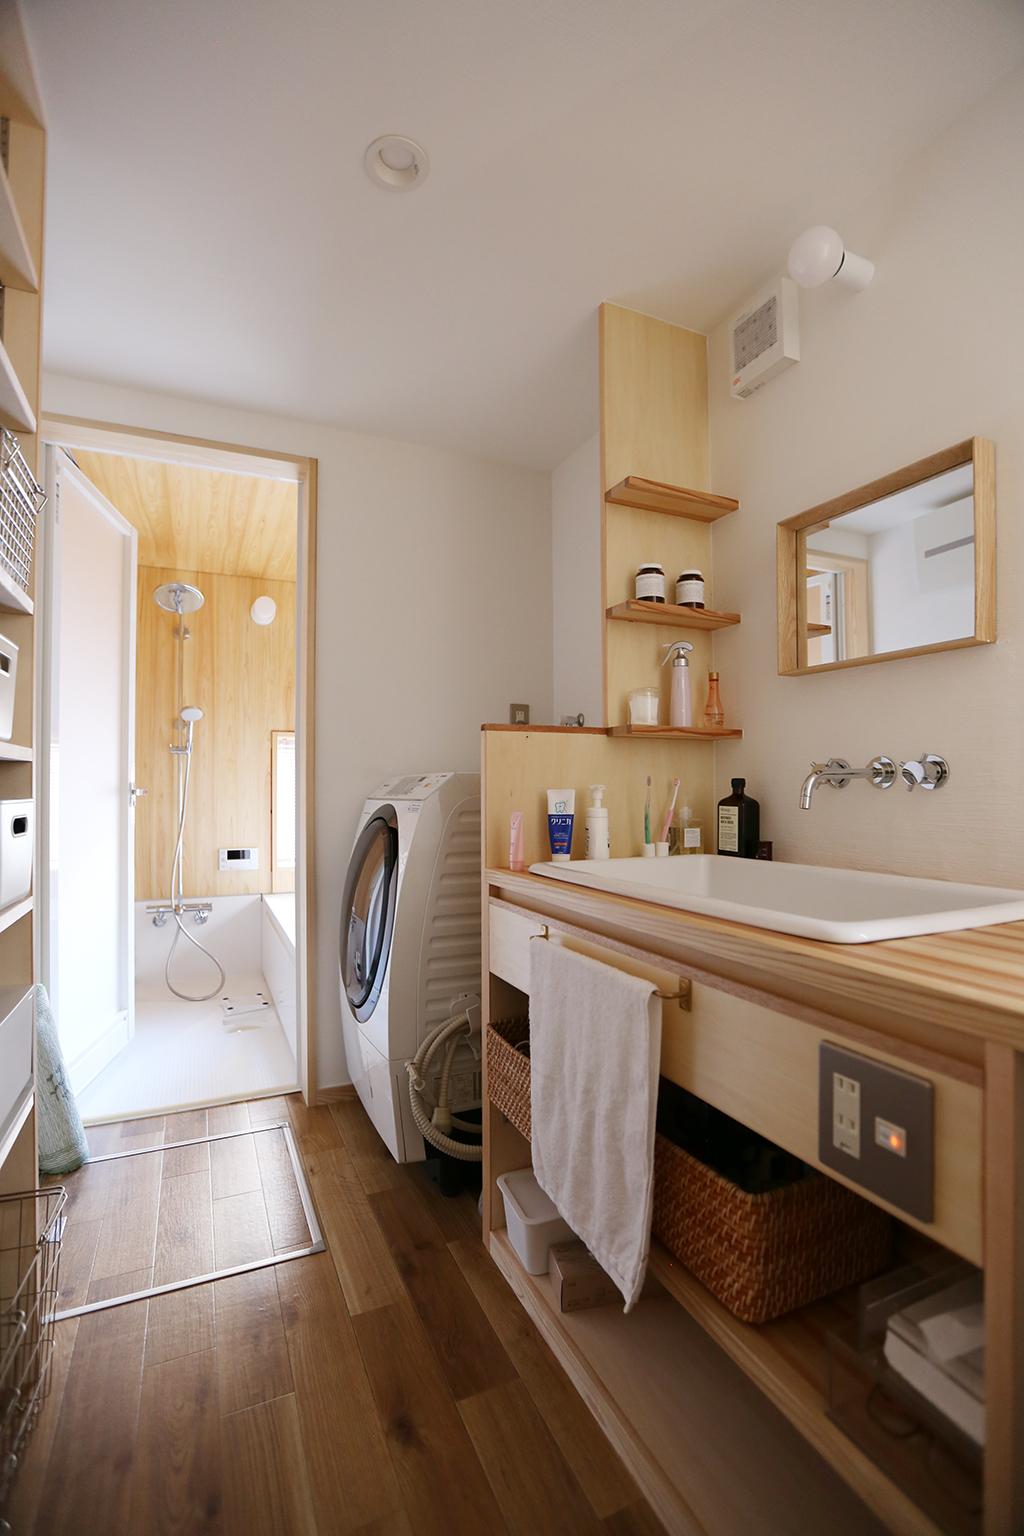 姫路市の木の家 洗面脱衣室と木の浴室